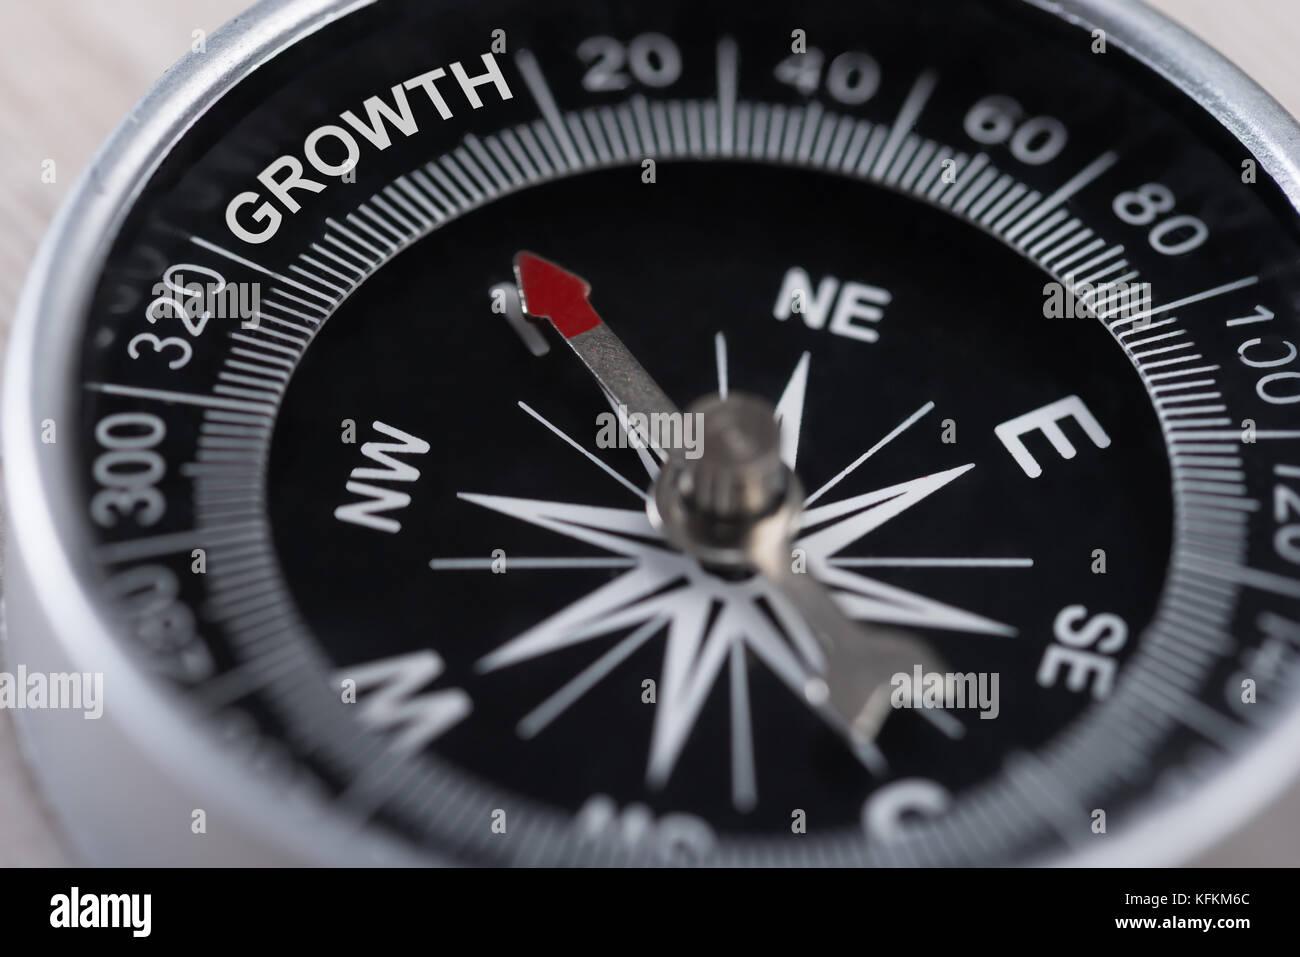 Libre de boussole indiquant la croissance. La croissance de l'entreprise concept Photo Stock